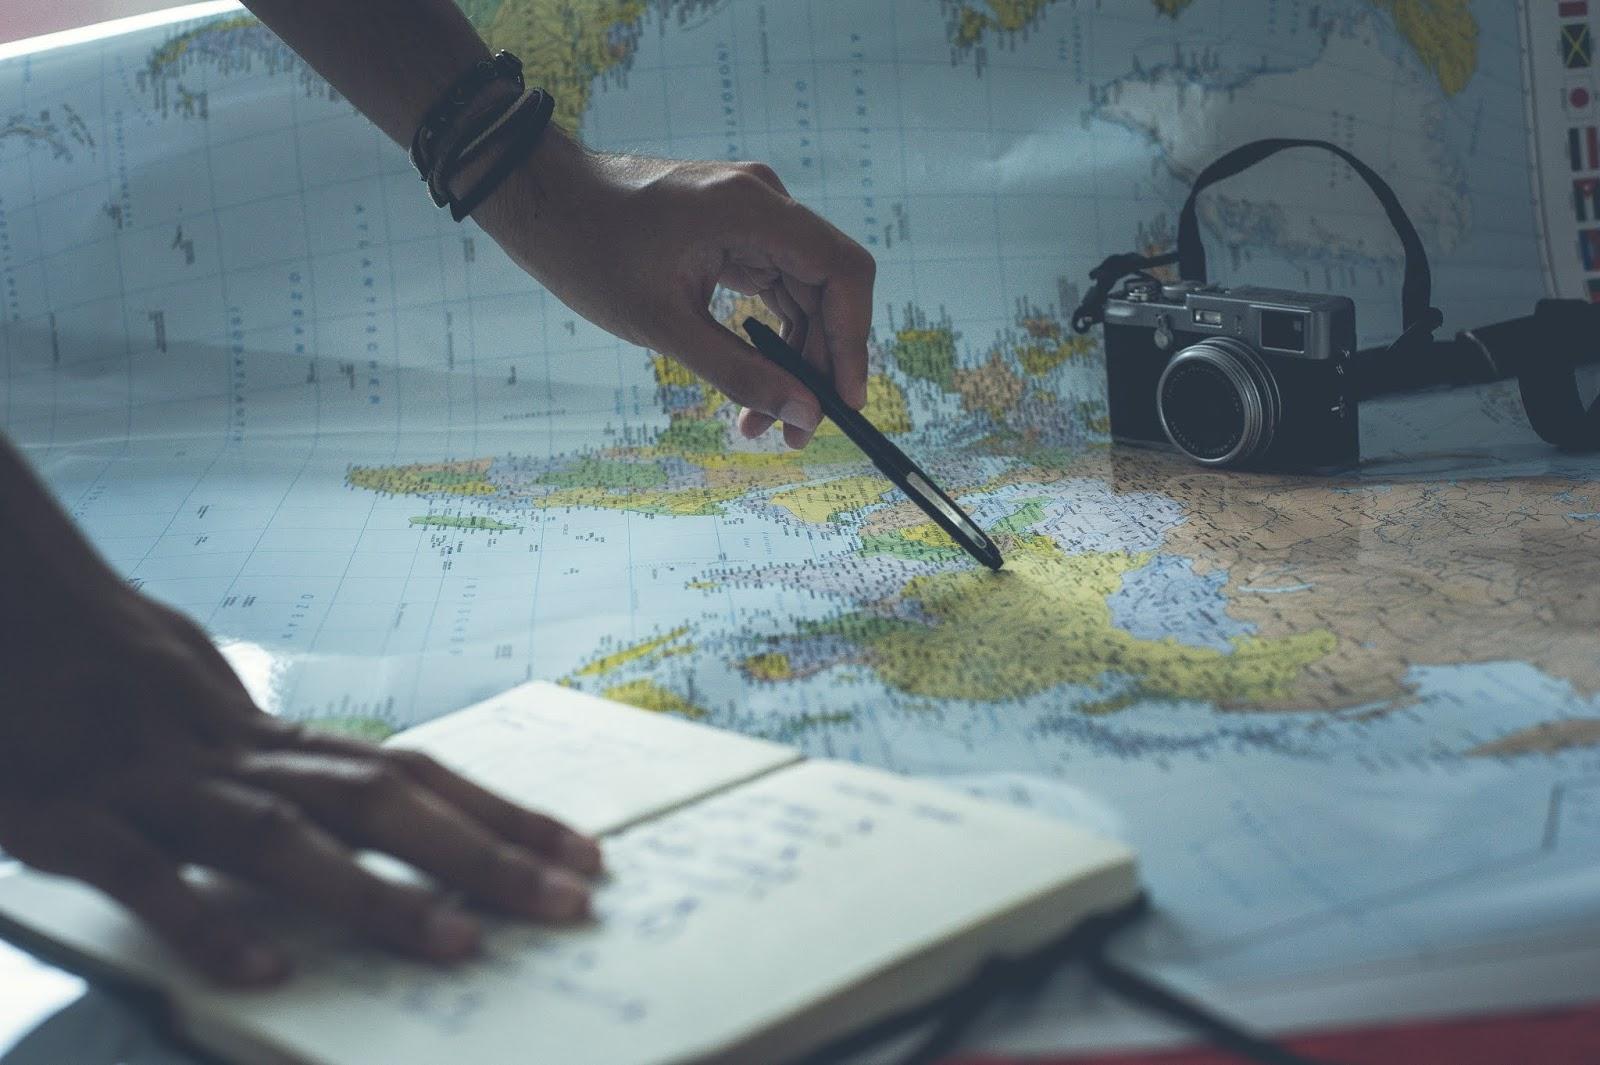 Κοινωνικός Τουρισμός 2020: Μέχρι πότε γίνονται αιτήσεις